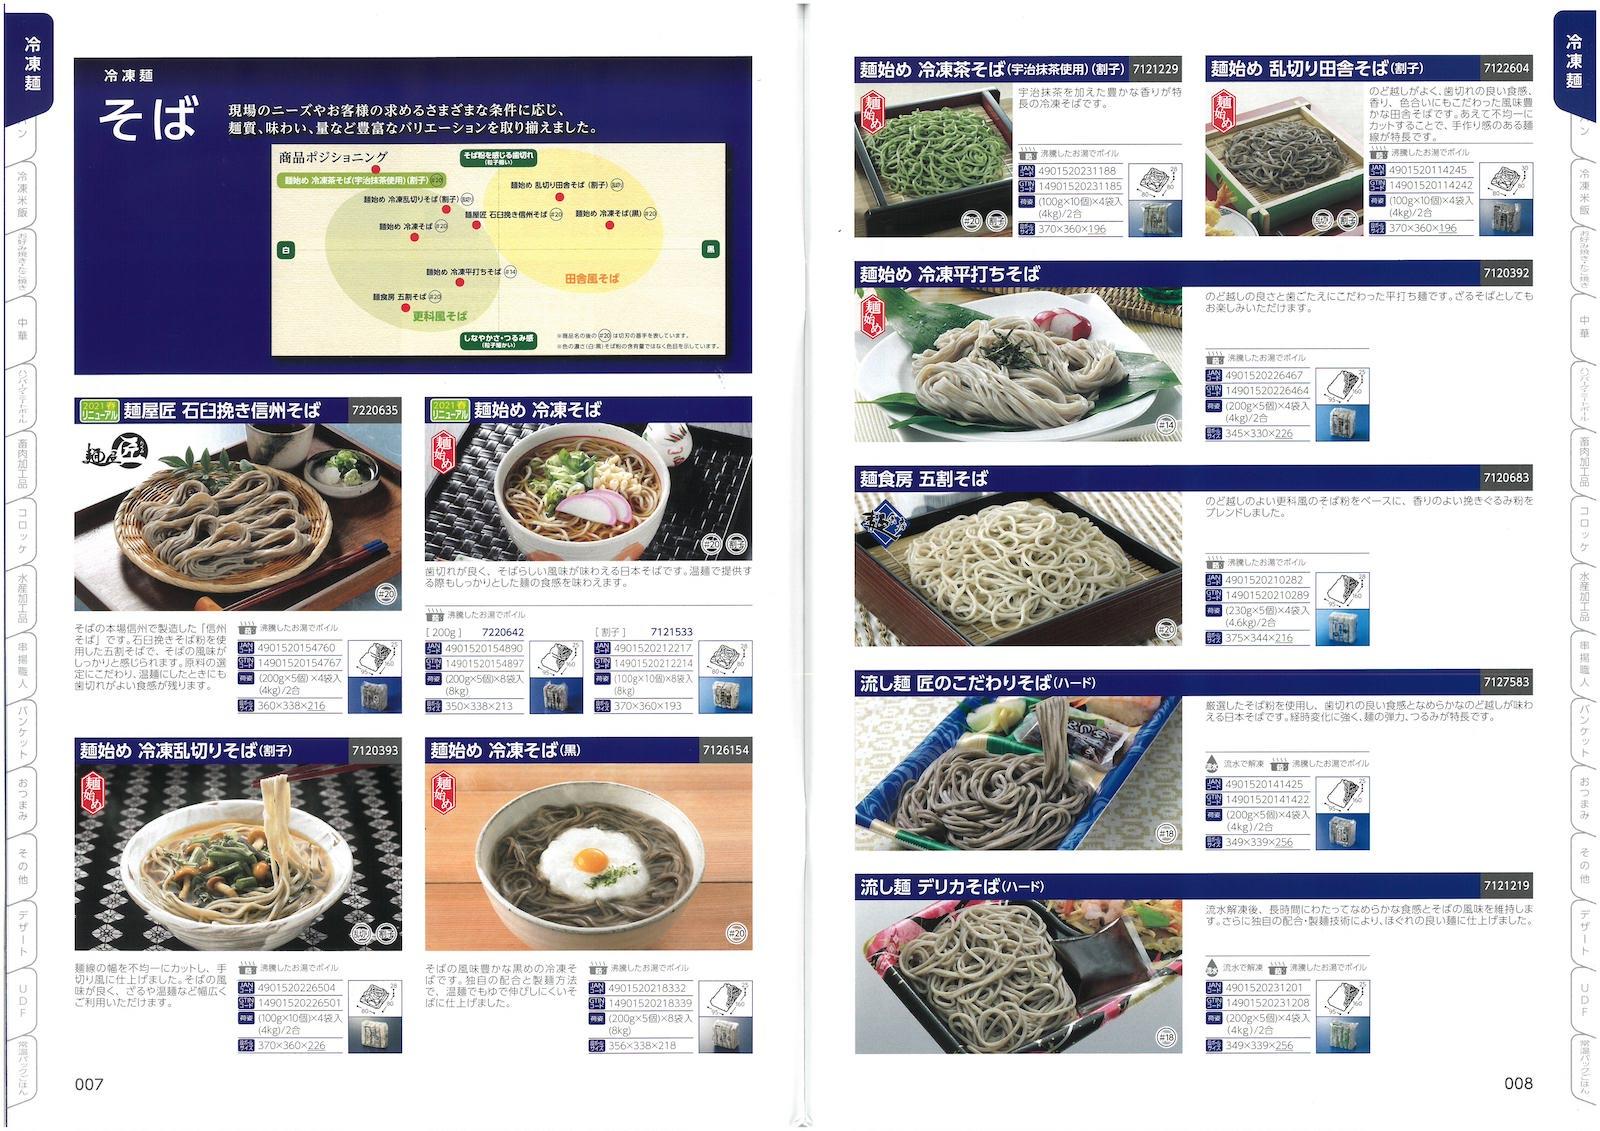 テーブルマーク2021 業務用総合カタログ